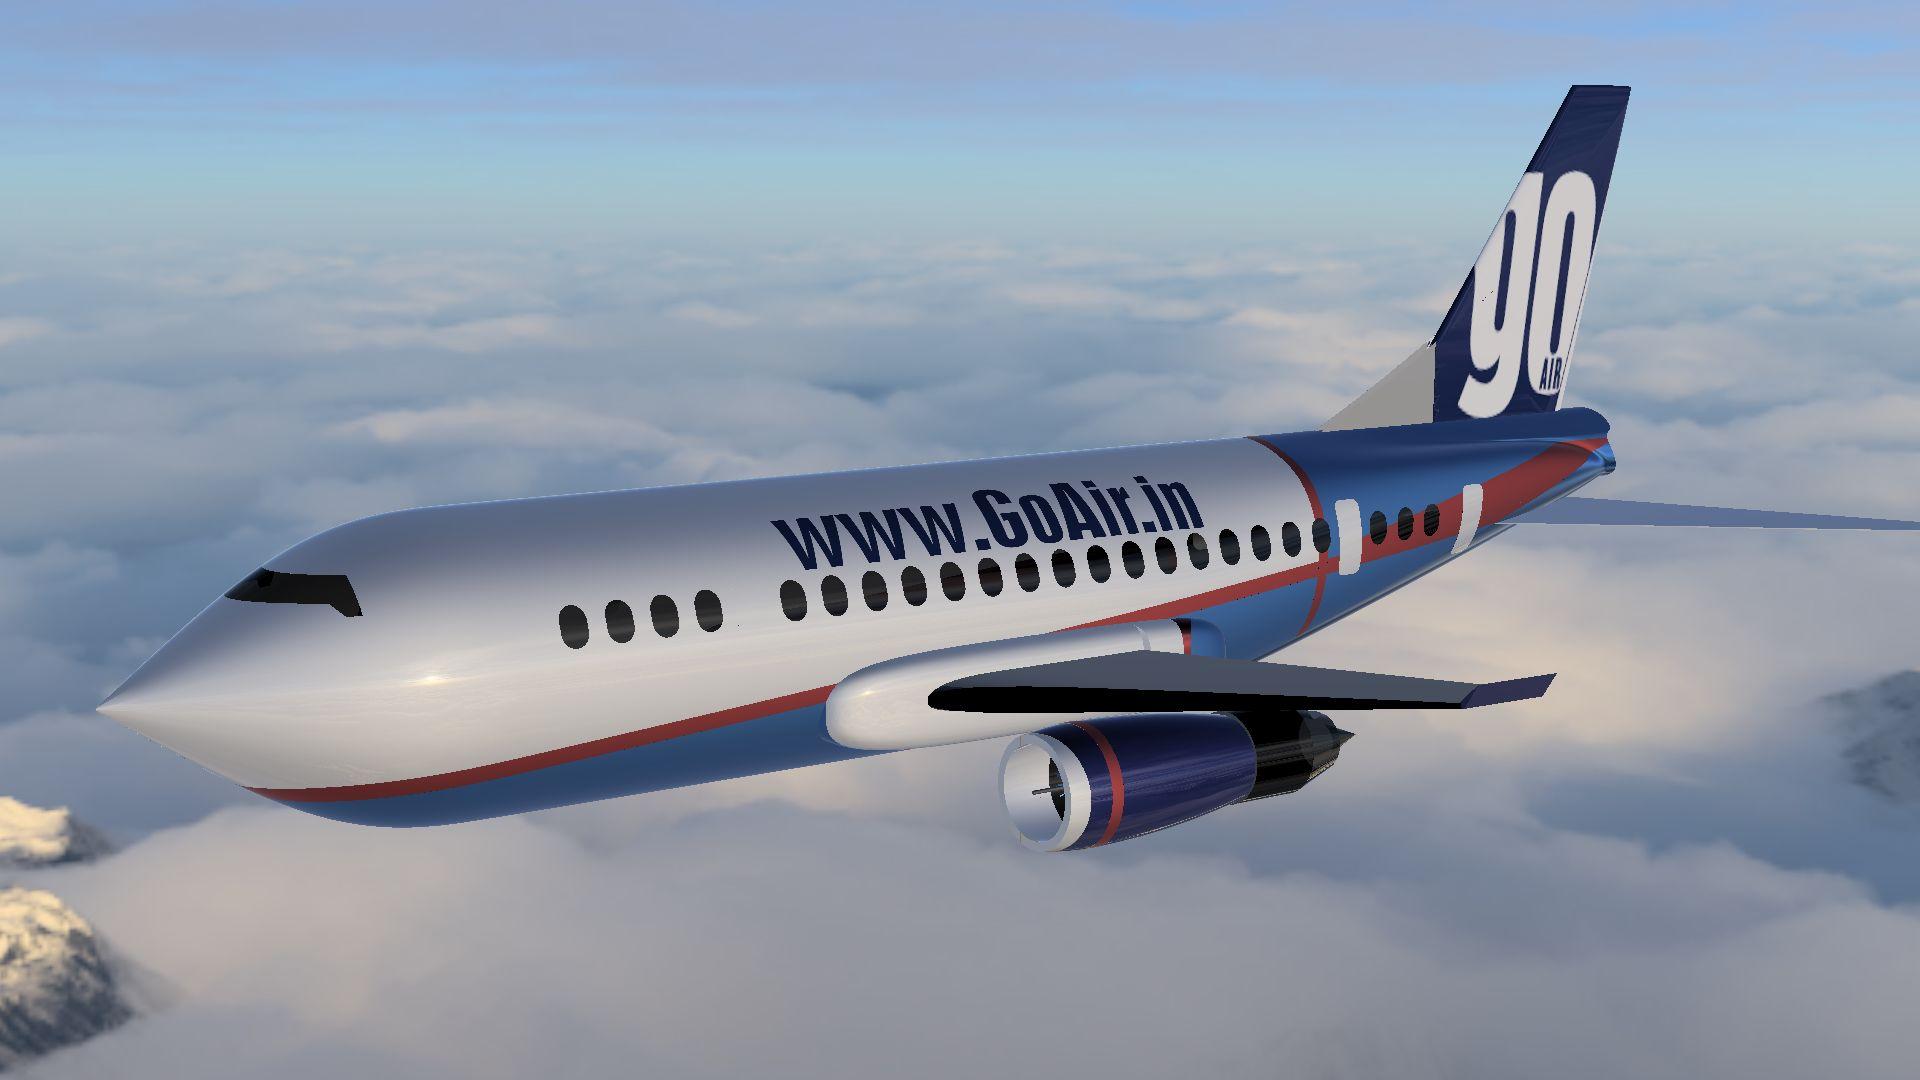 Go-air-737-001-3500-3500